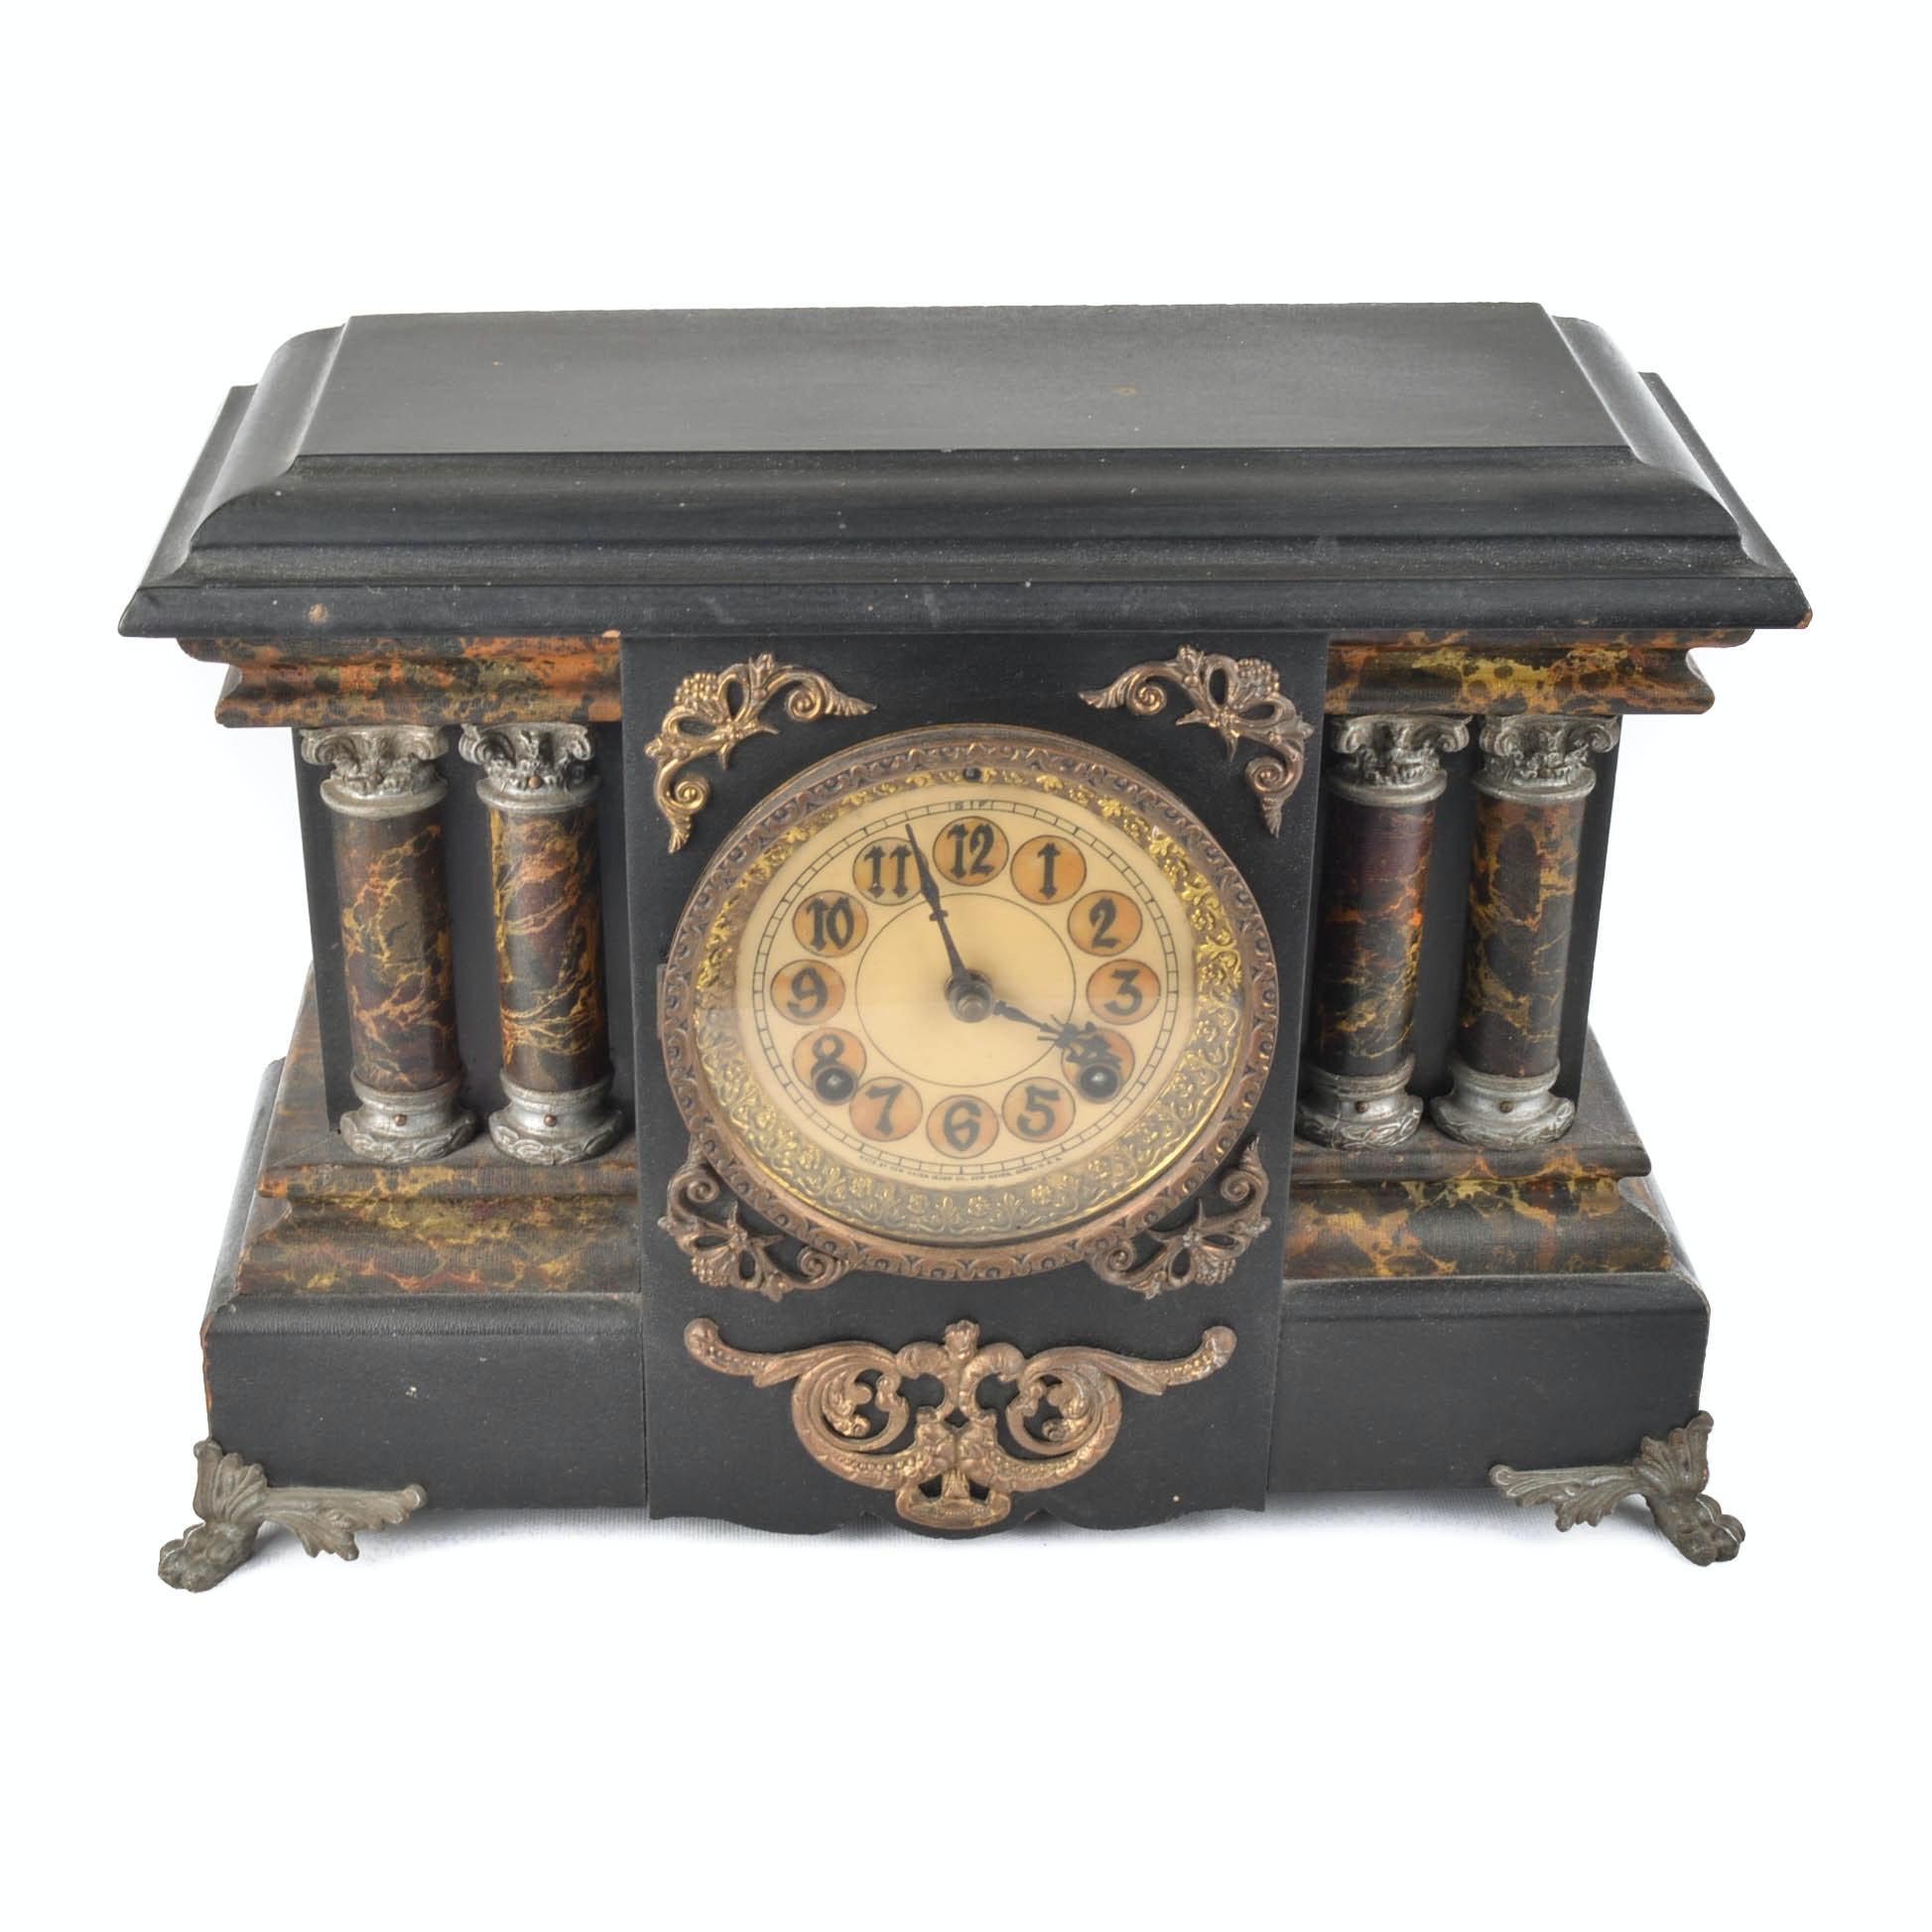 Antique New Haven Mantle Clock